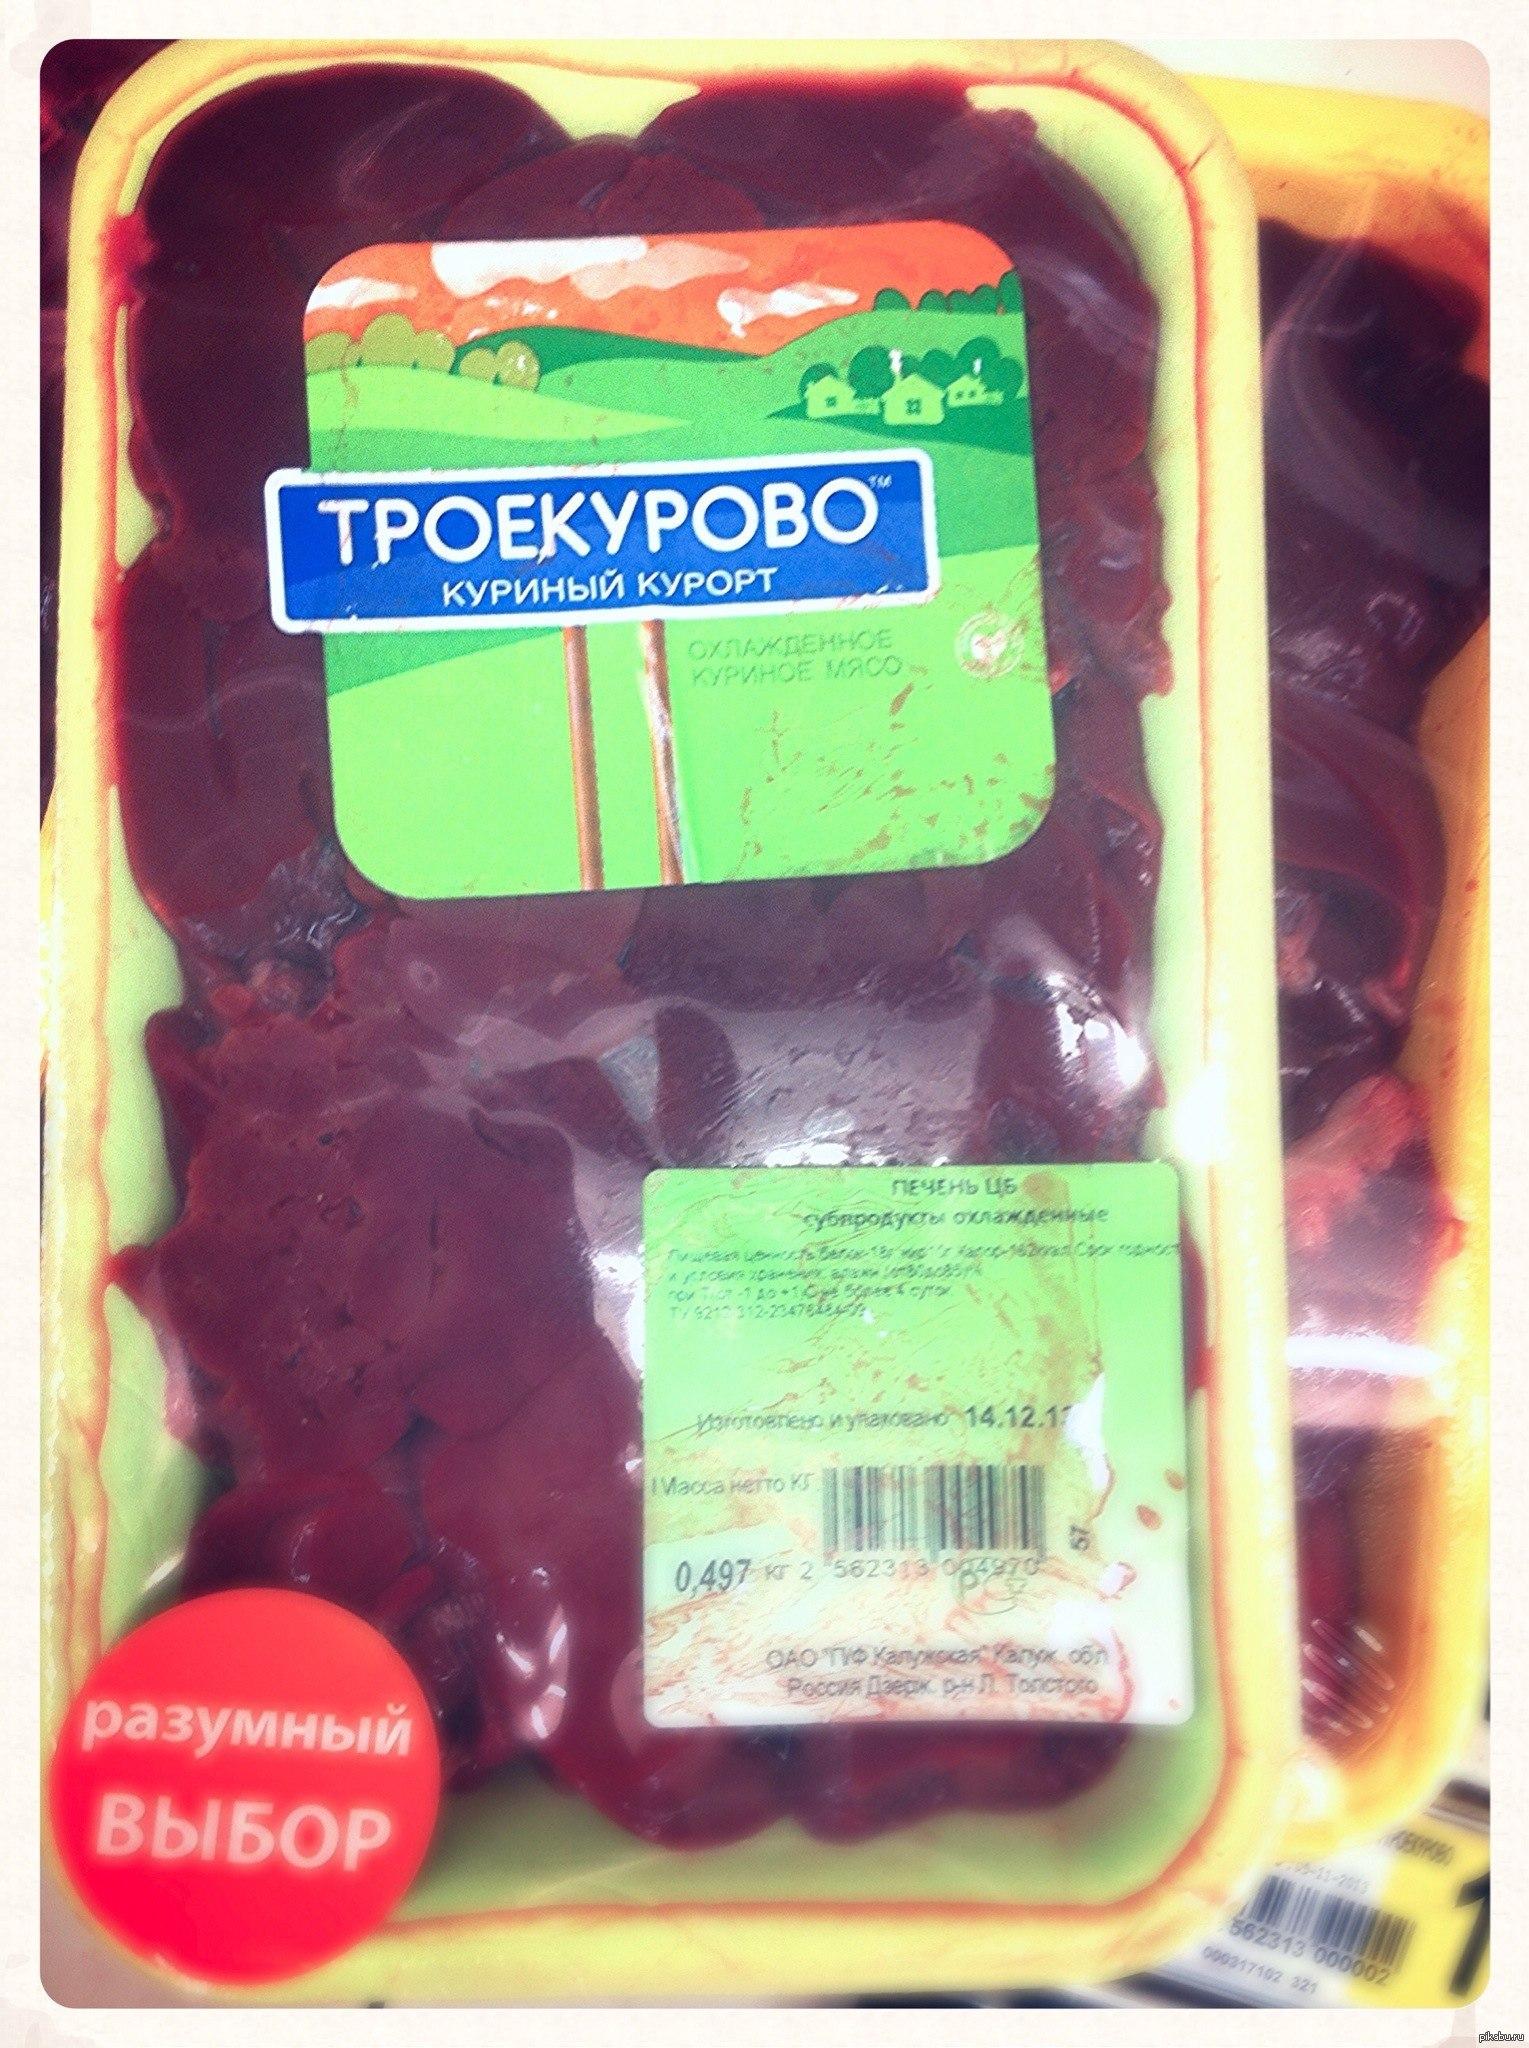 http://s5.pikabu.ru/post_img/big/2015/09/18/10/1442596723_763888936.jpg